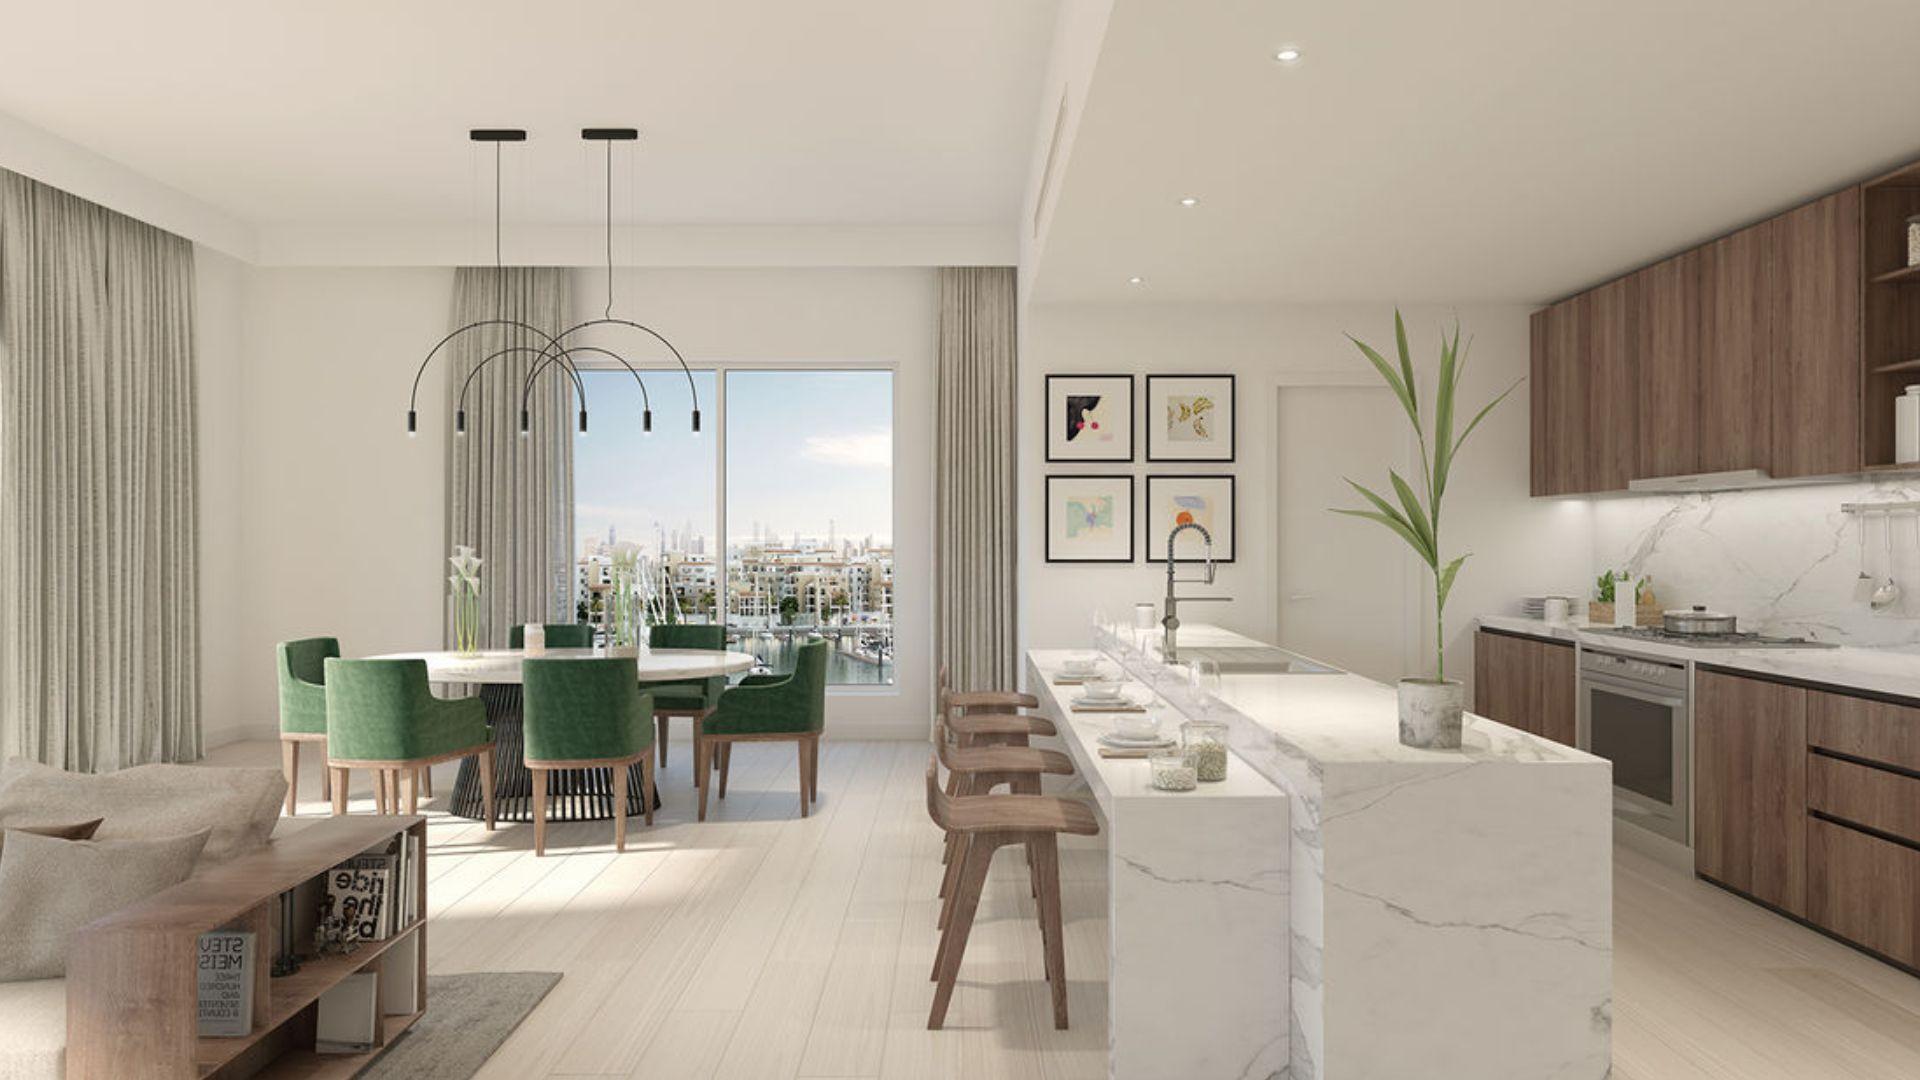 Apartamento en venta en Dubai, EAU, 2 dormitorios, 112 m2, № 24286 – foto 1